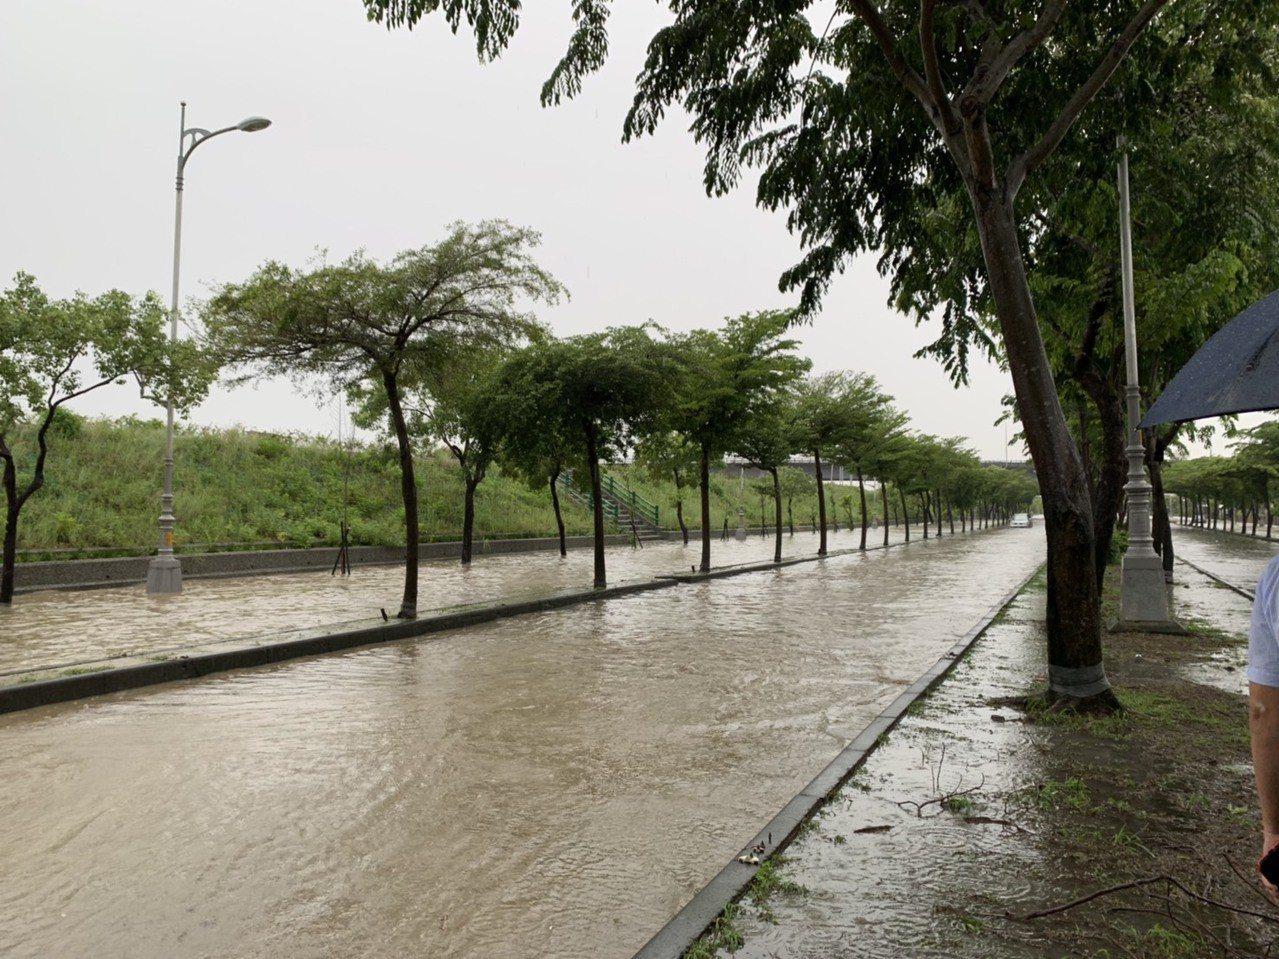 台中市烏日區環河路部分路段積水,並由警廣通知駕駛人改道。圖/台中市議員陳世凱提供